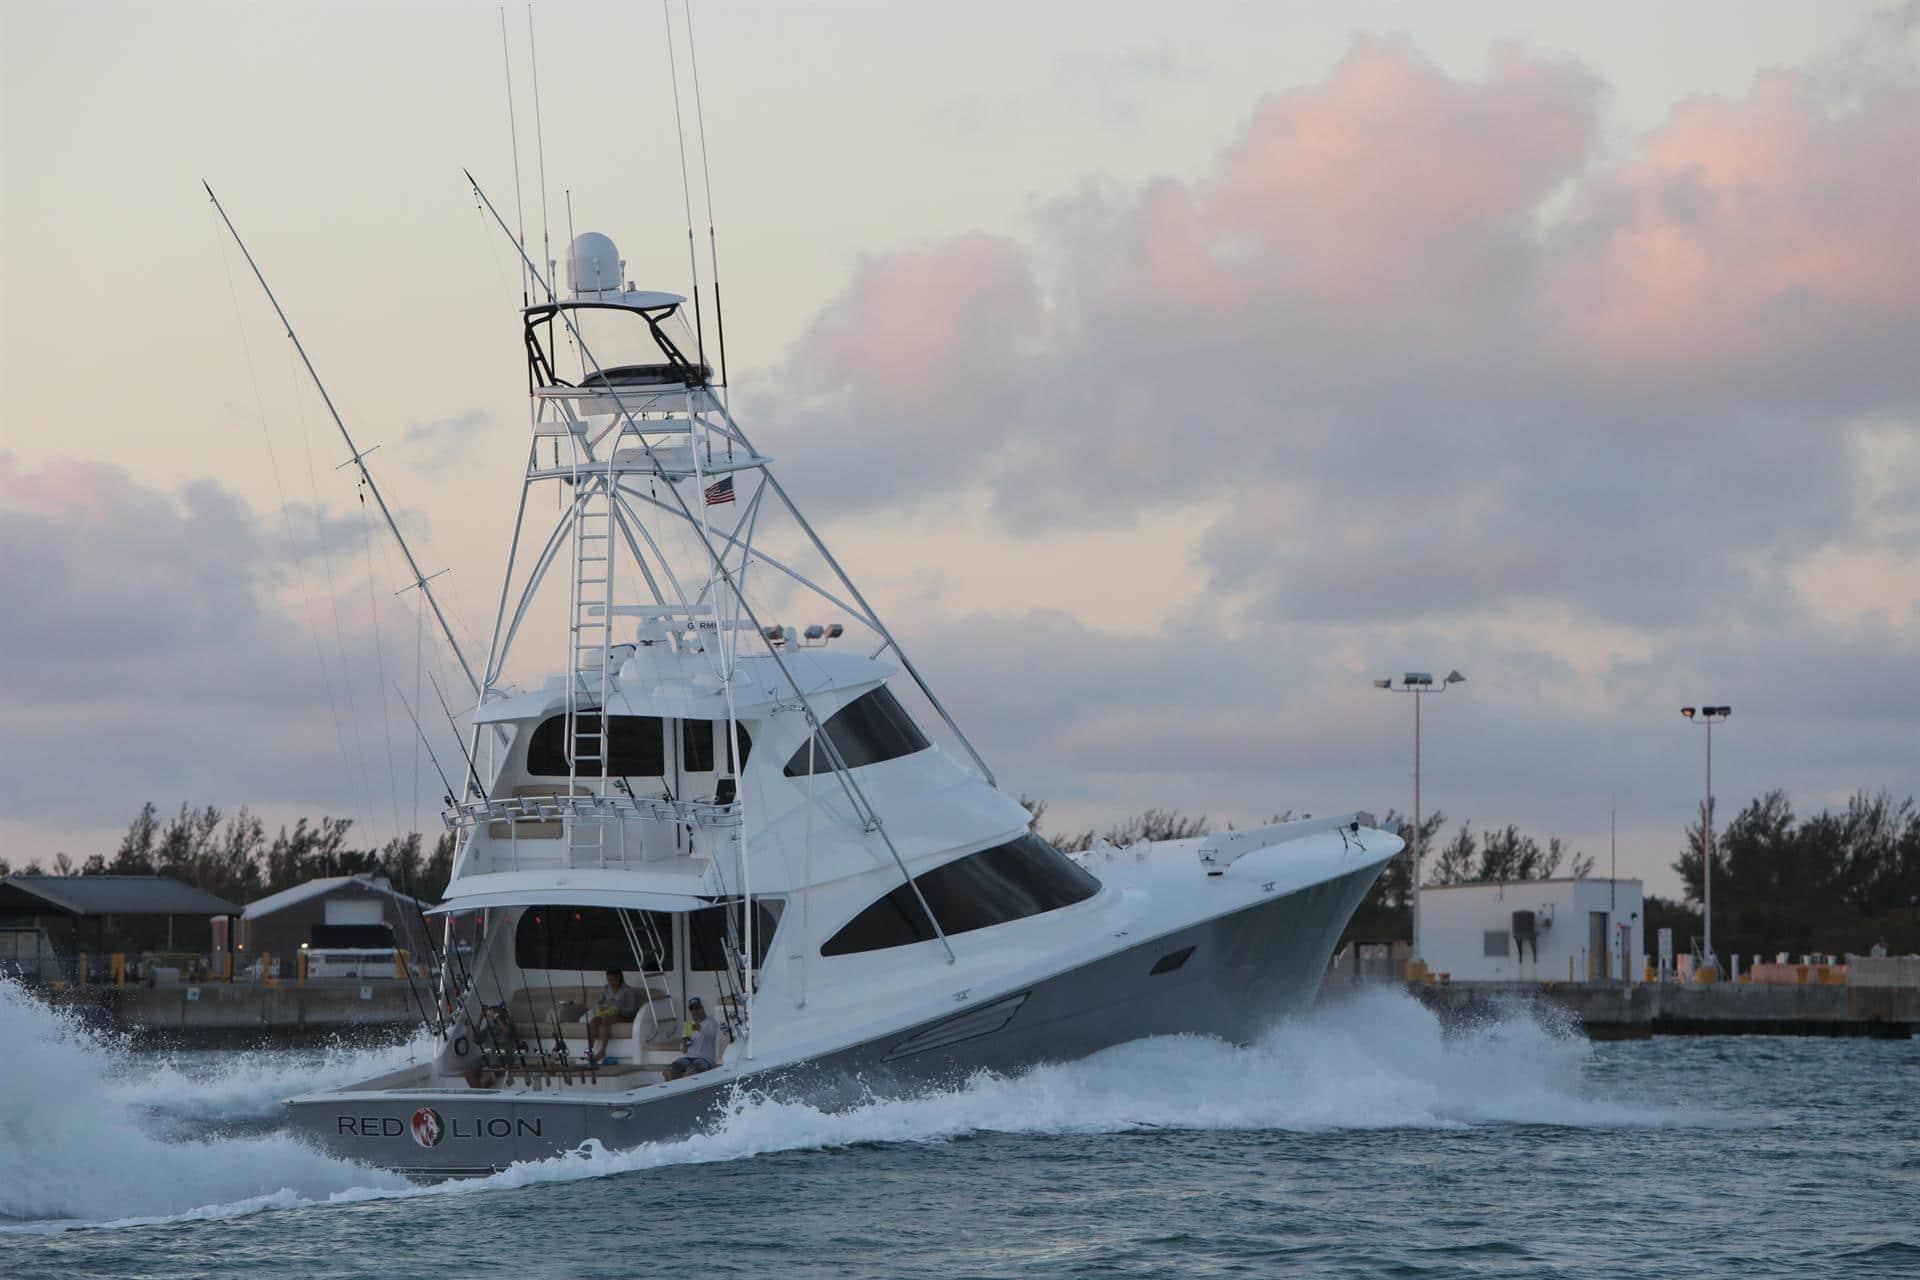 Viking Yacht sunset Key West